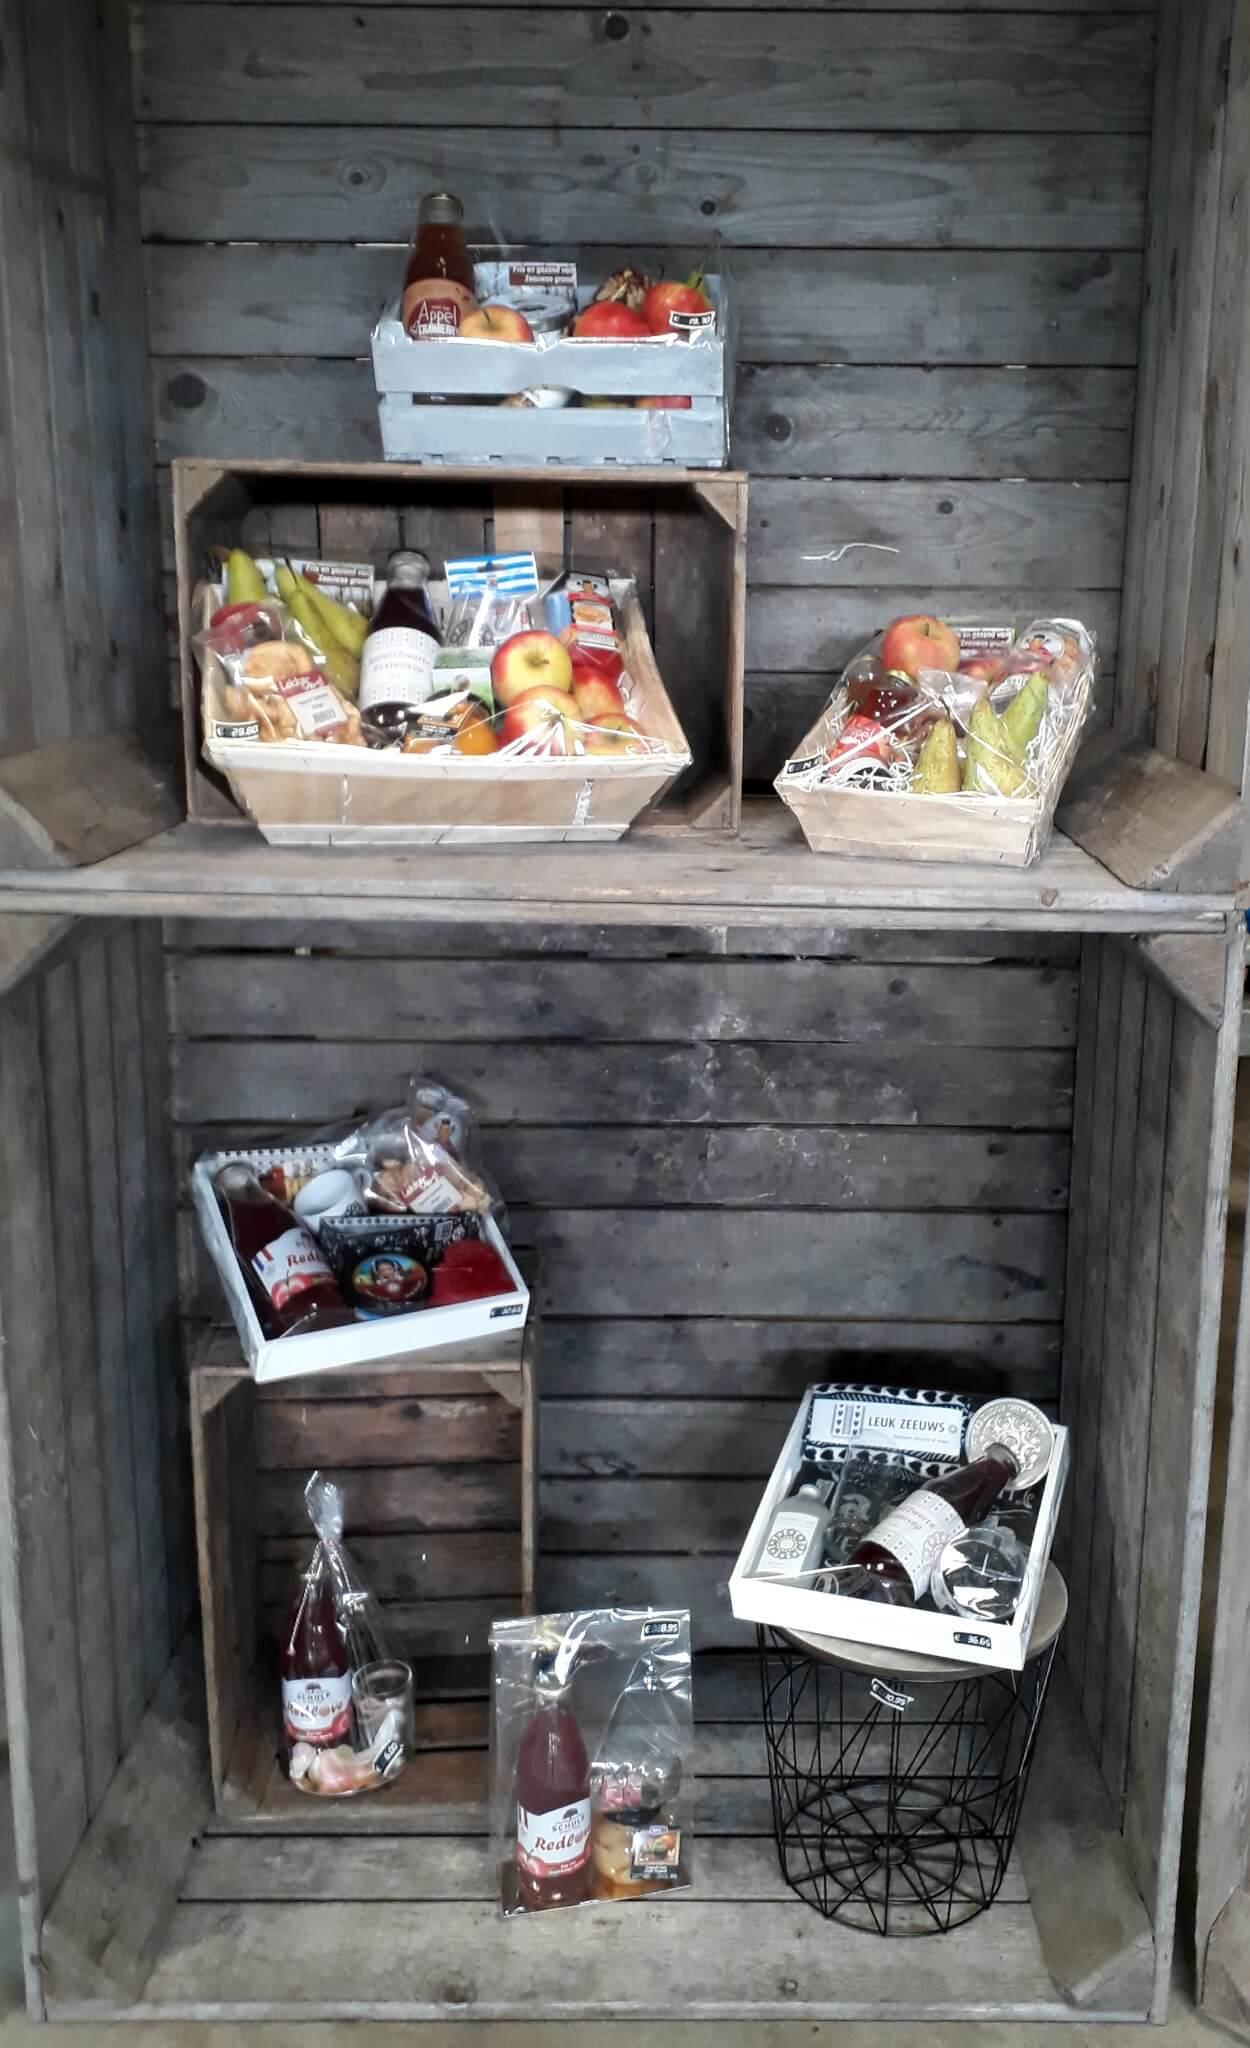 Fruitbedrijf Van den Berge cadeaupakketten in kist